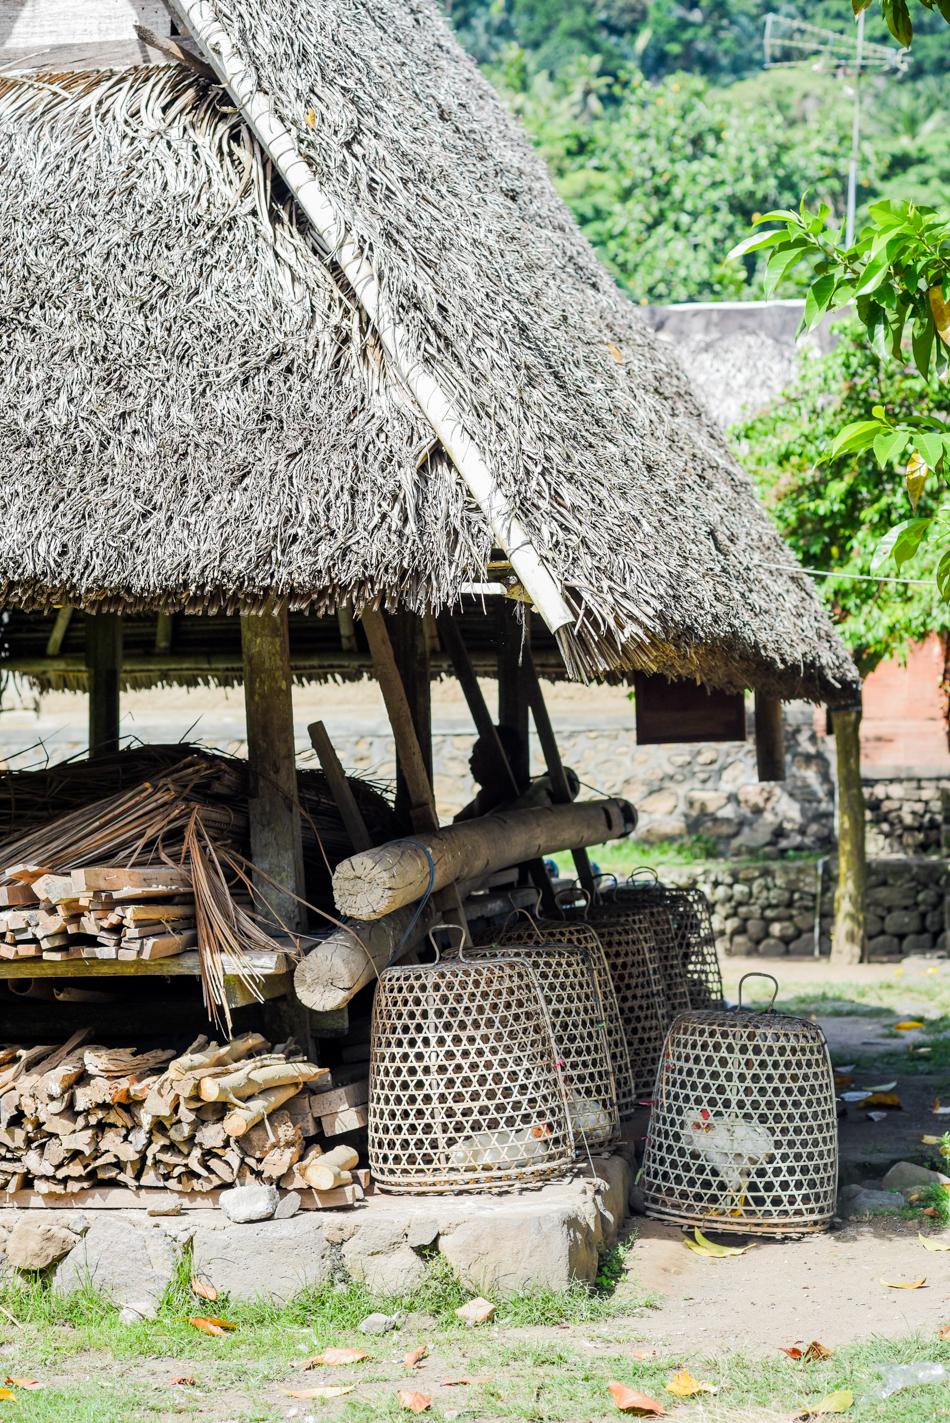 Bali-Honeymoon-Travel-AnaisStoelen-112.jpg